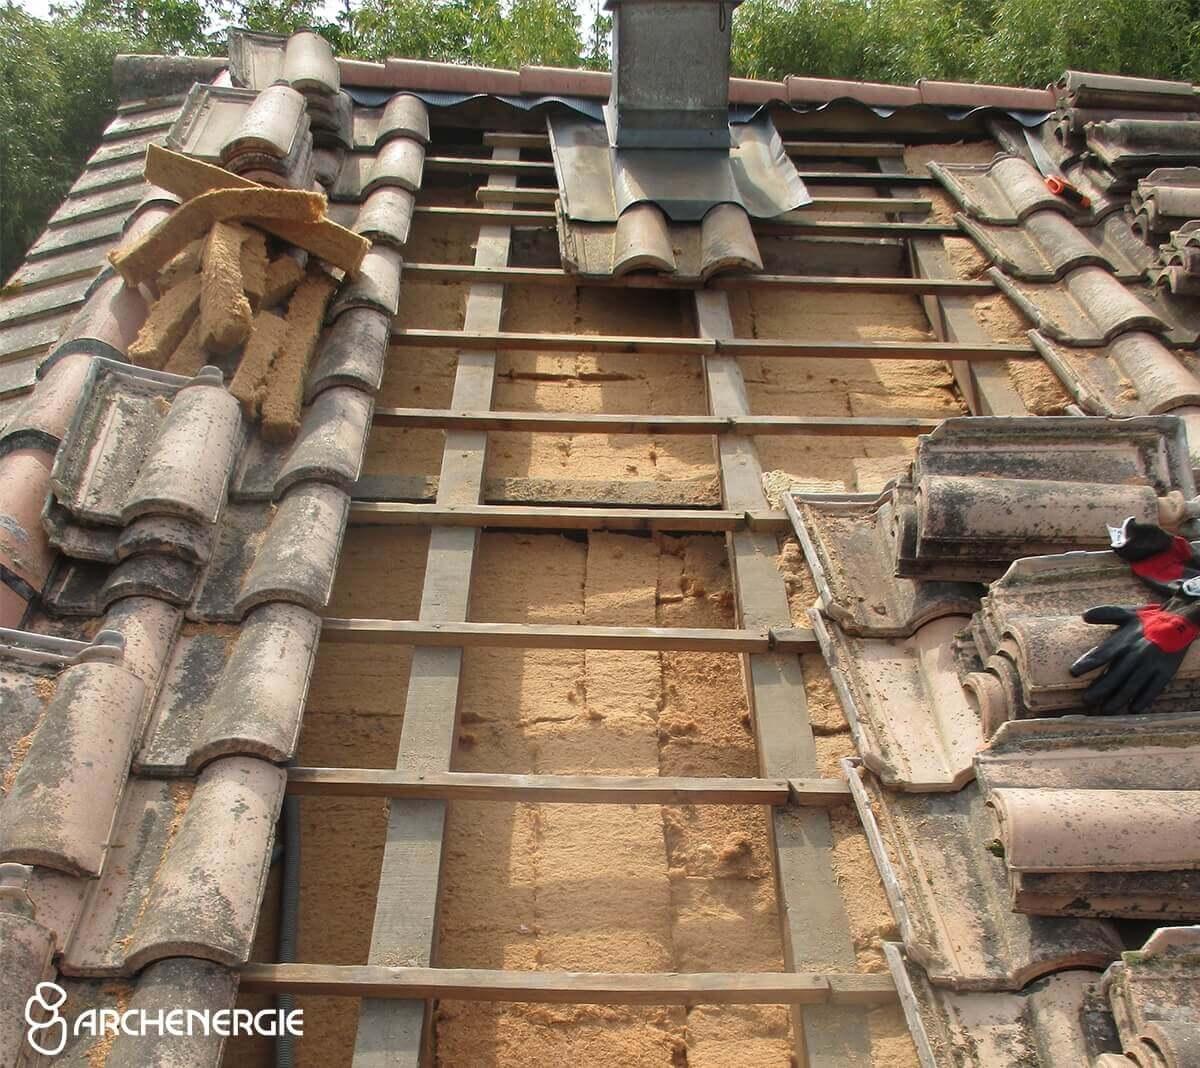 Camarsac - Fibre de bois installée - Confort thermique, évite la surchauffe estivale et les fuites d'air